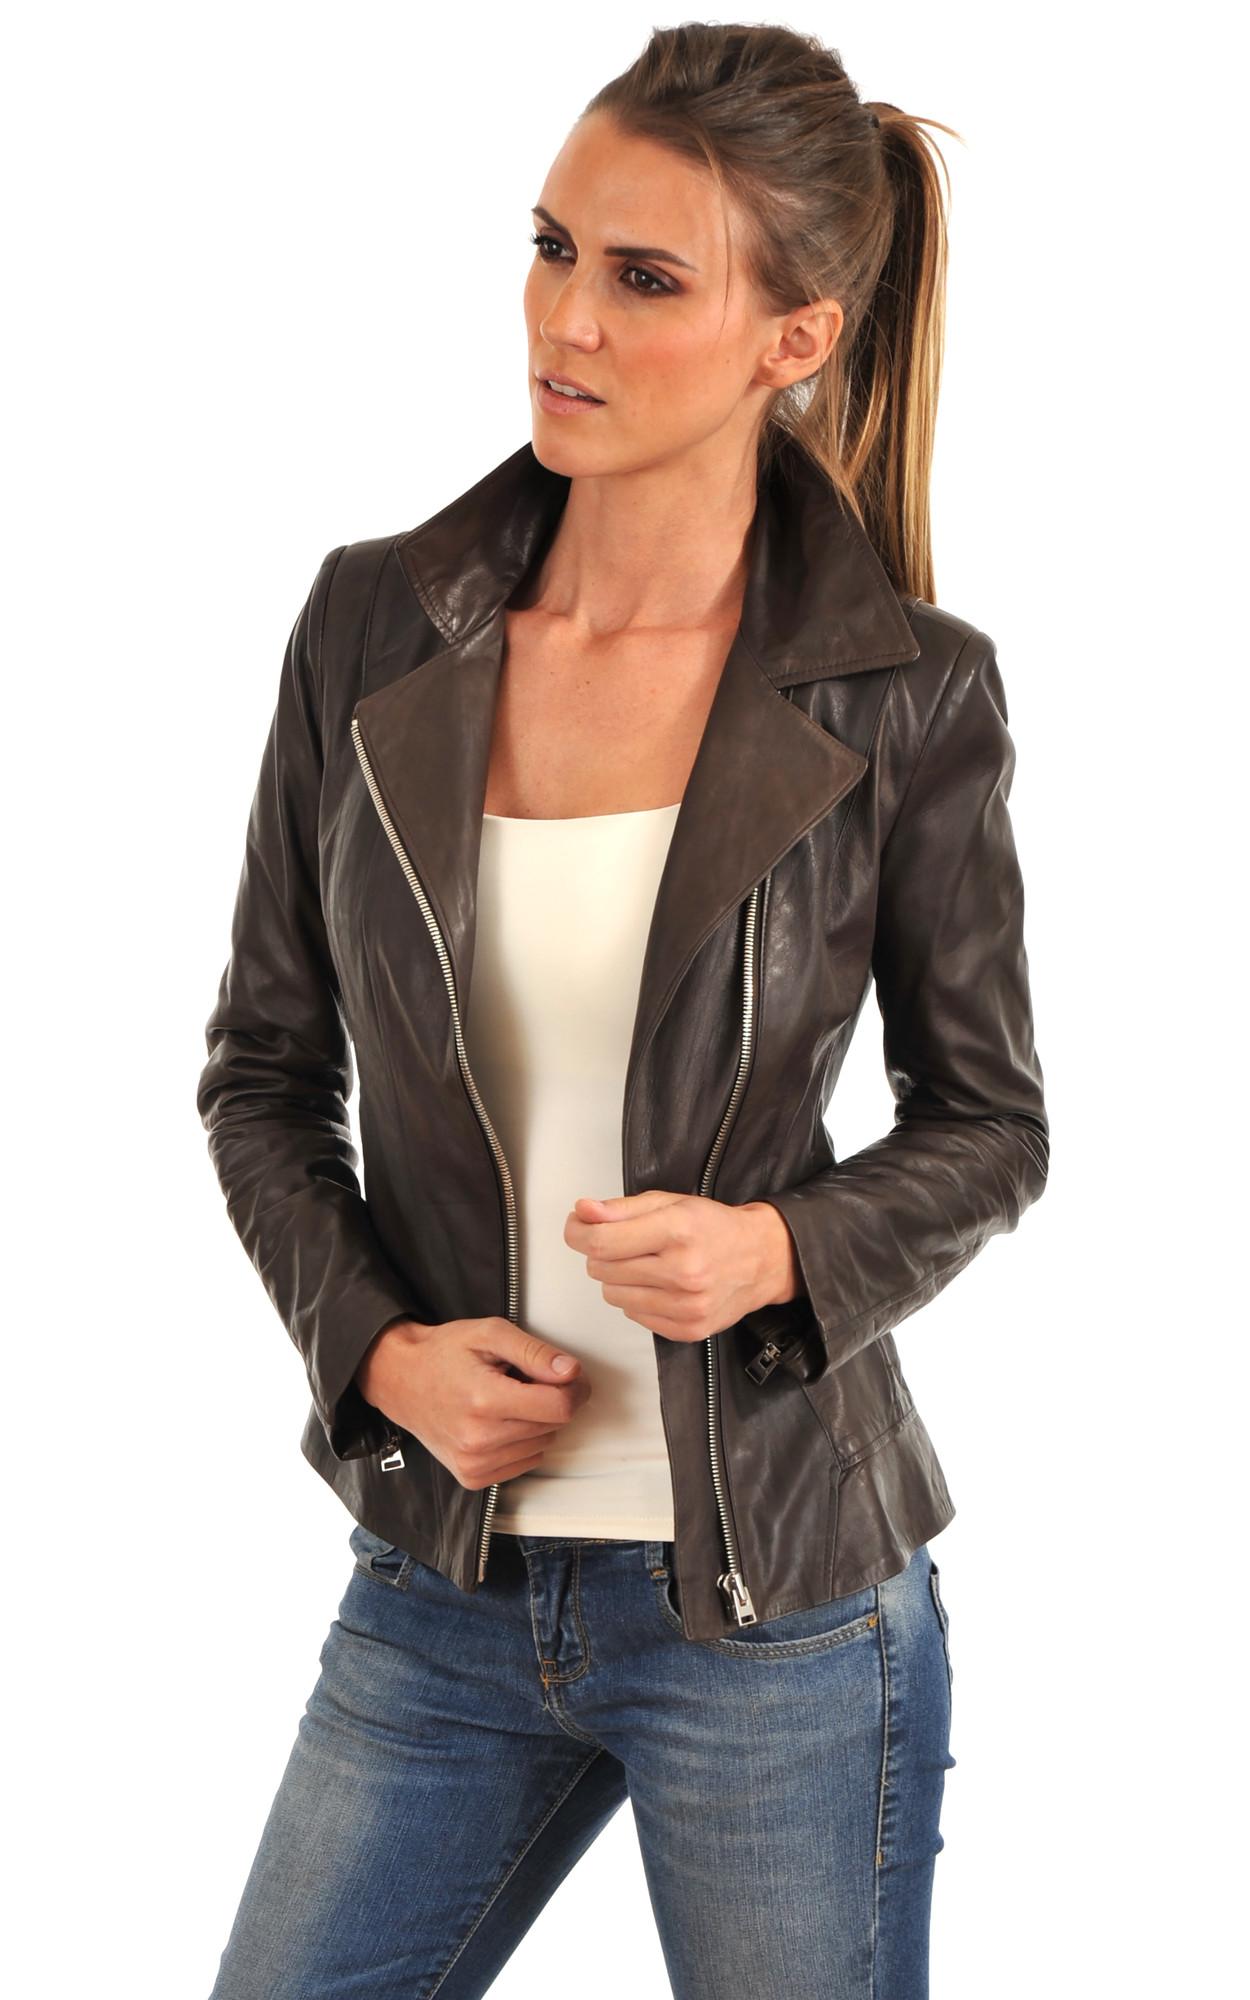 Personnalisez votre look avec un manteau d'hiver pour femme. Branchés et élégants, les manteaux chauds permettent de nombreuses combinaisons. Pour finaliser un look décontracté, associez un manteau en duvet avec un jean skinny, un pull à encolure ronde et des baskets montantes.